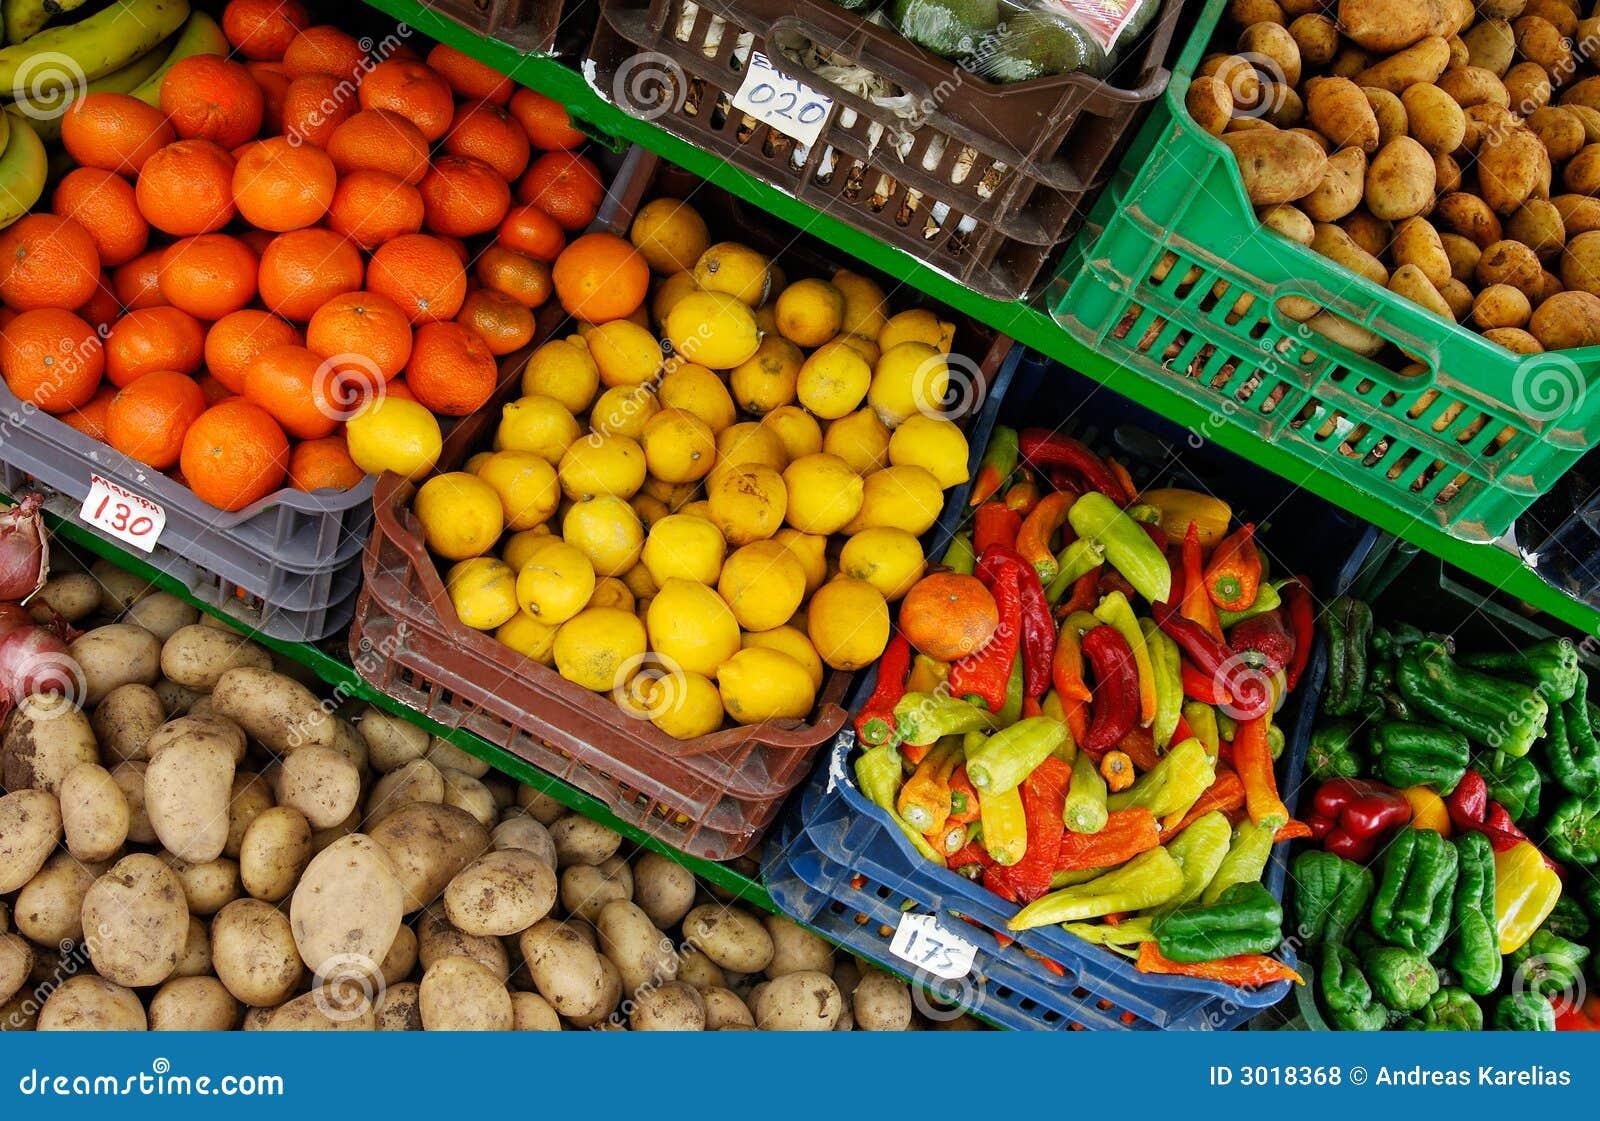 Carrinho Da Fruta E Verdura Foto De Stock Imagem De Ingredientes Nutrition 3018368